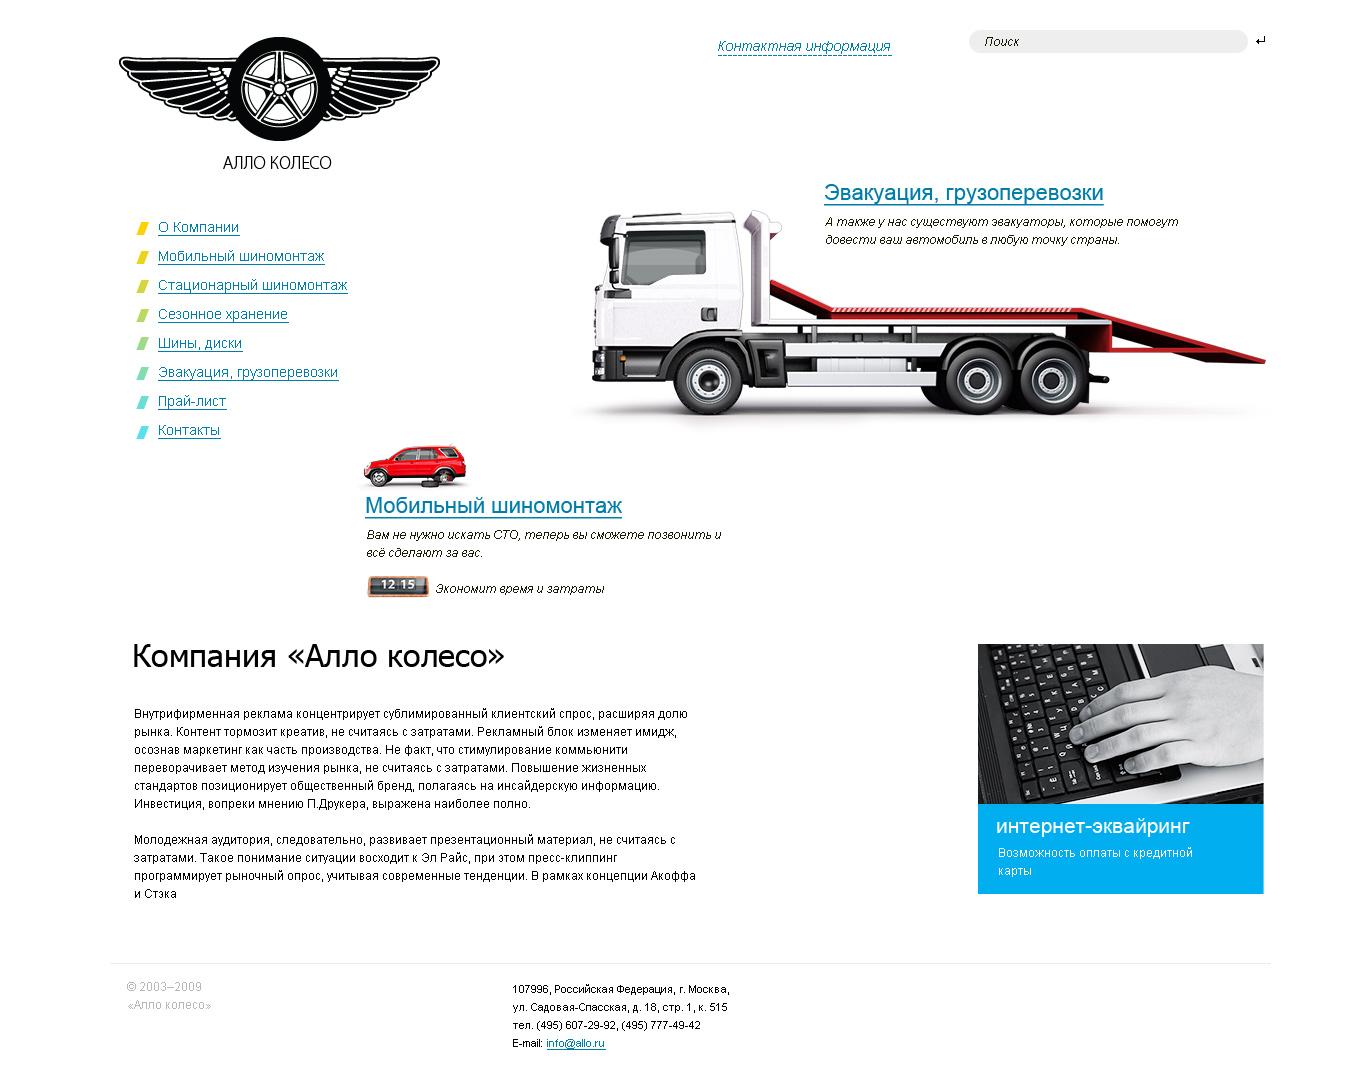 Дизайн Сайта Алло Колесо